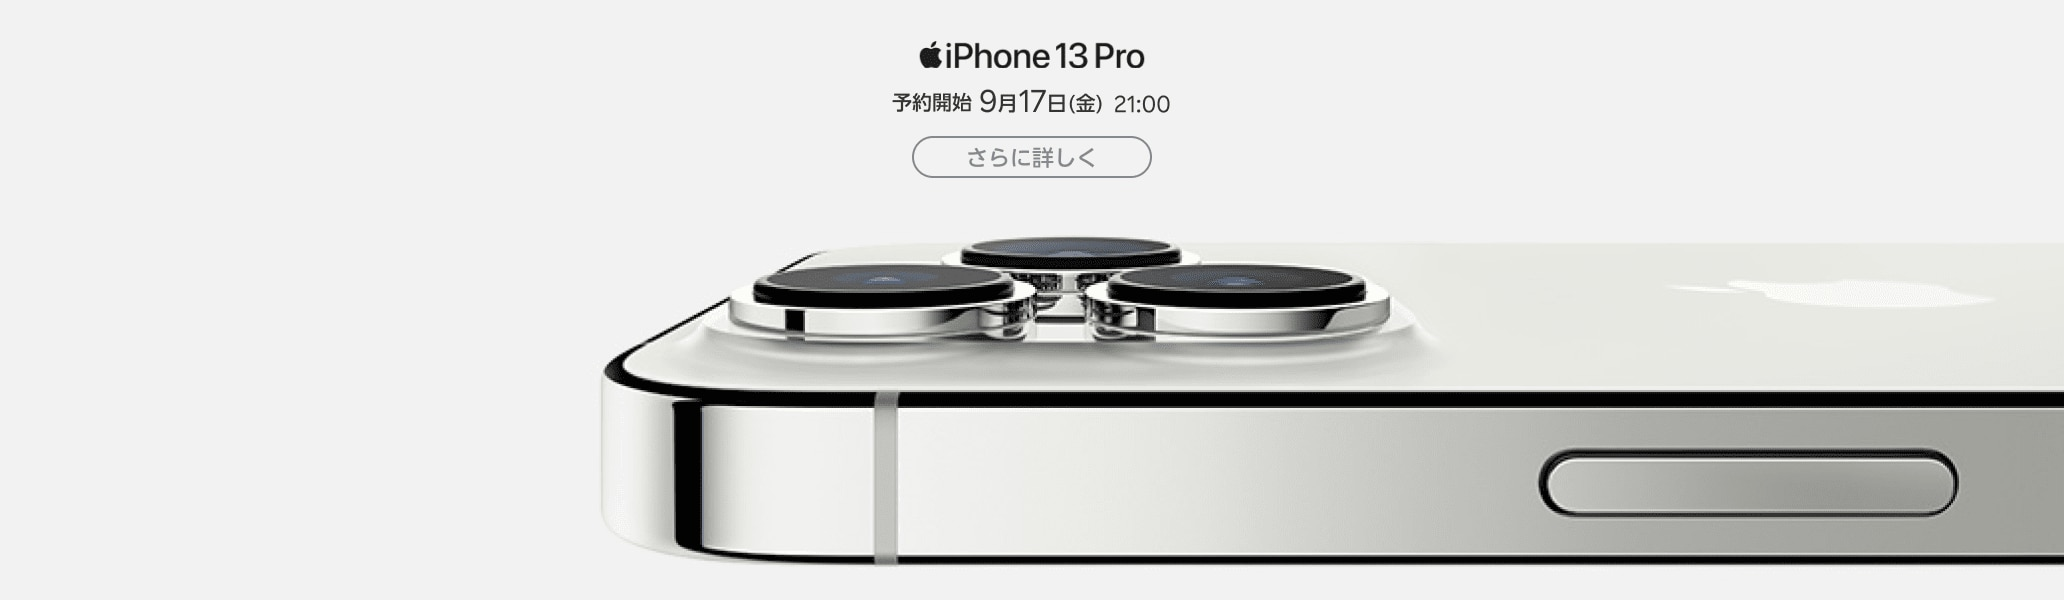 iPhone 12 と iPhone 13 のどちらに乗り換えるか